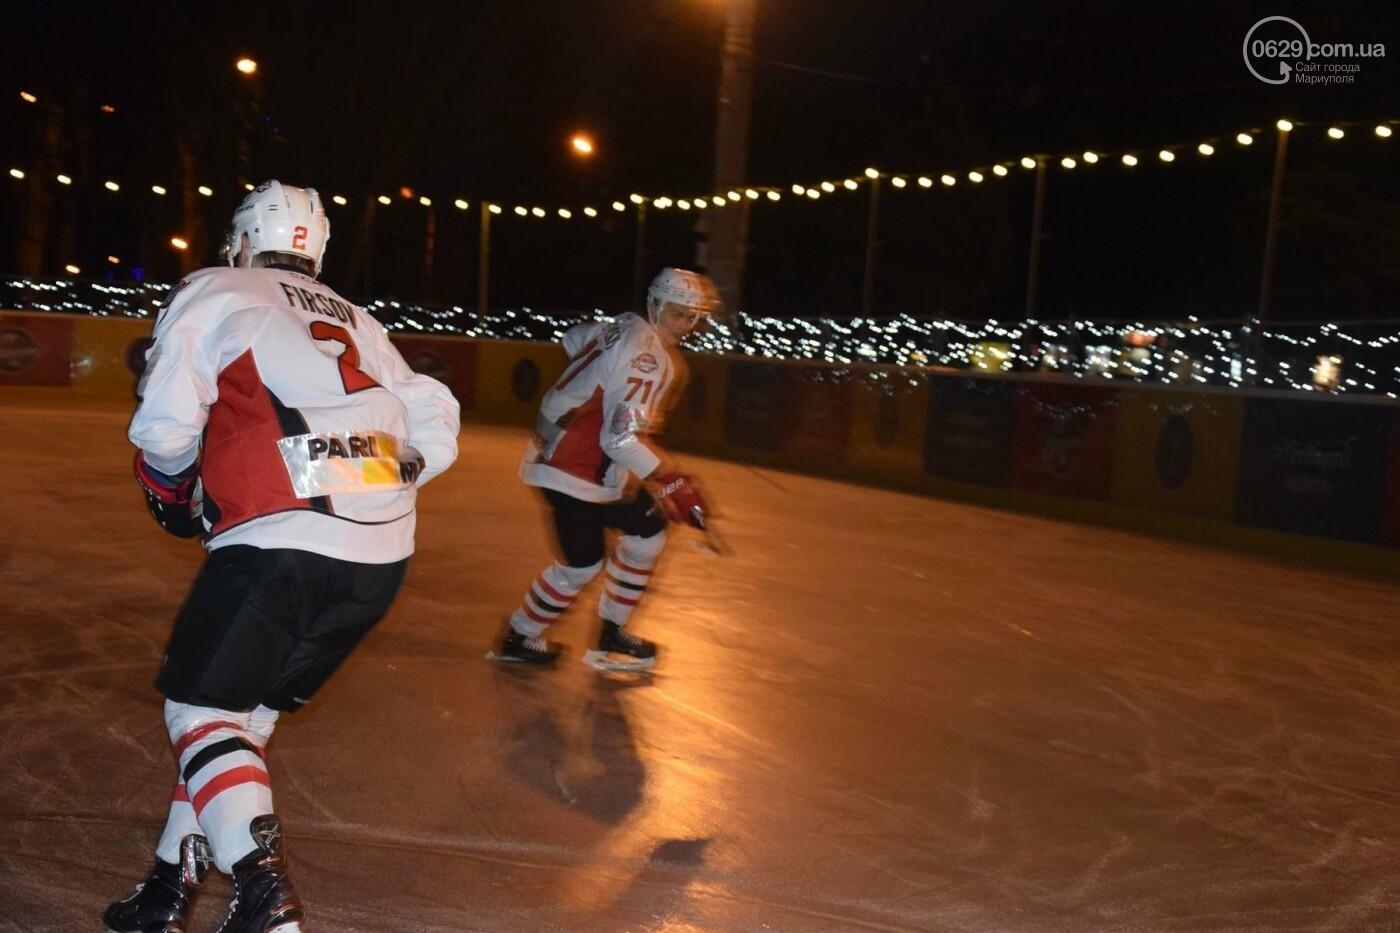 Открытие ледовой арены. Стоимость катания на городском  катке в  Мариуполе увеличилась вдвое  - ФОТО, ВИДЕО, фото-11